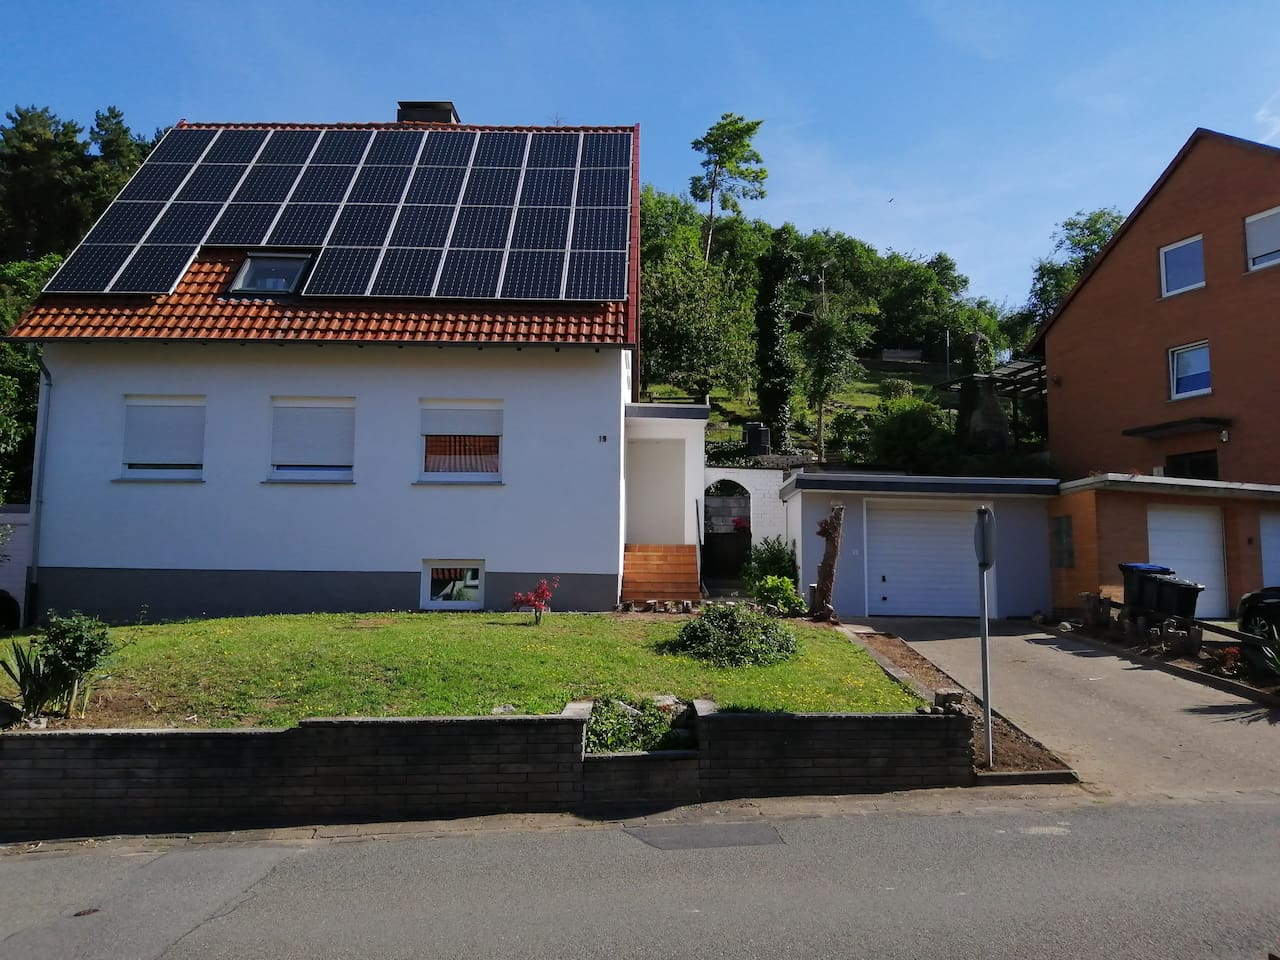 Hausfront im Sonnenschein mit PKW-Stellplatz